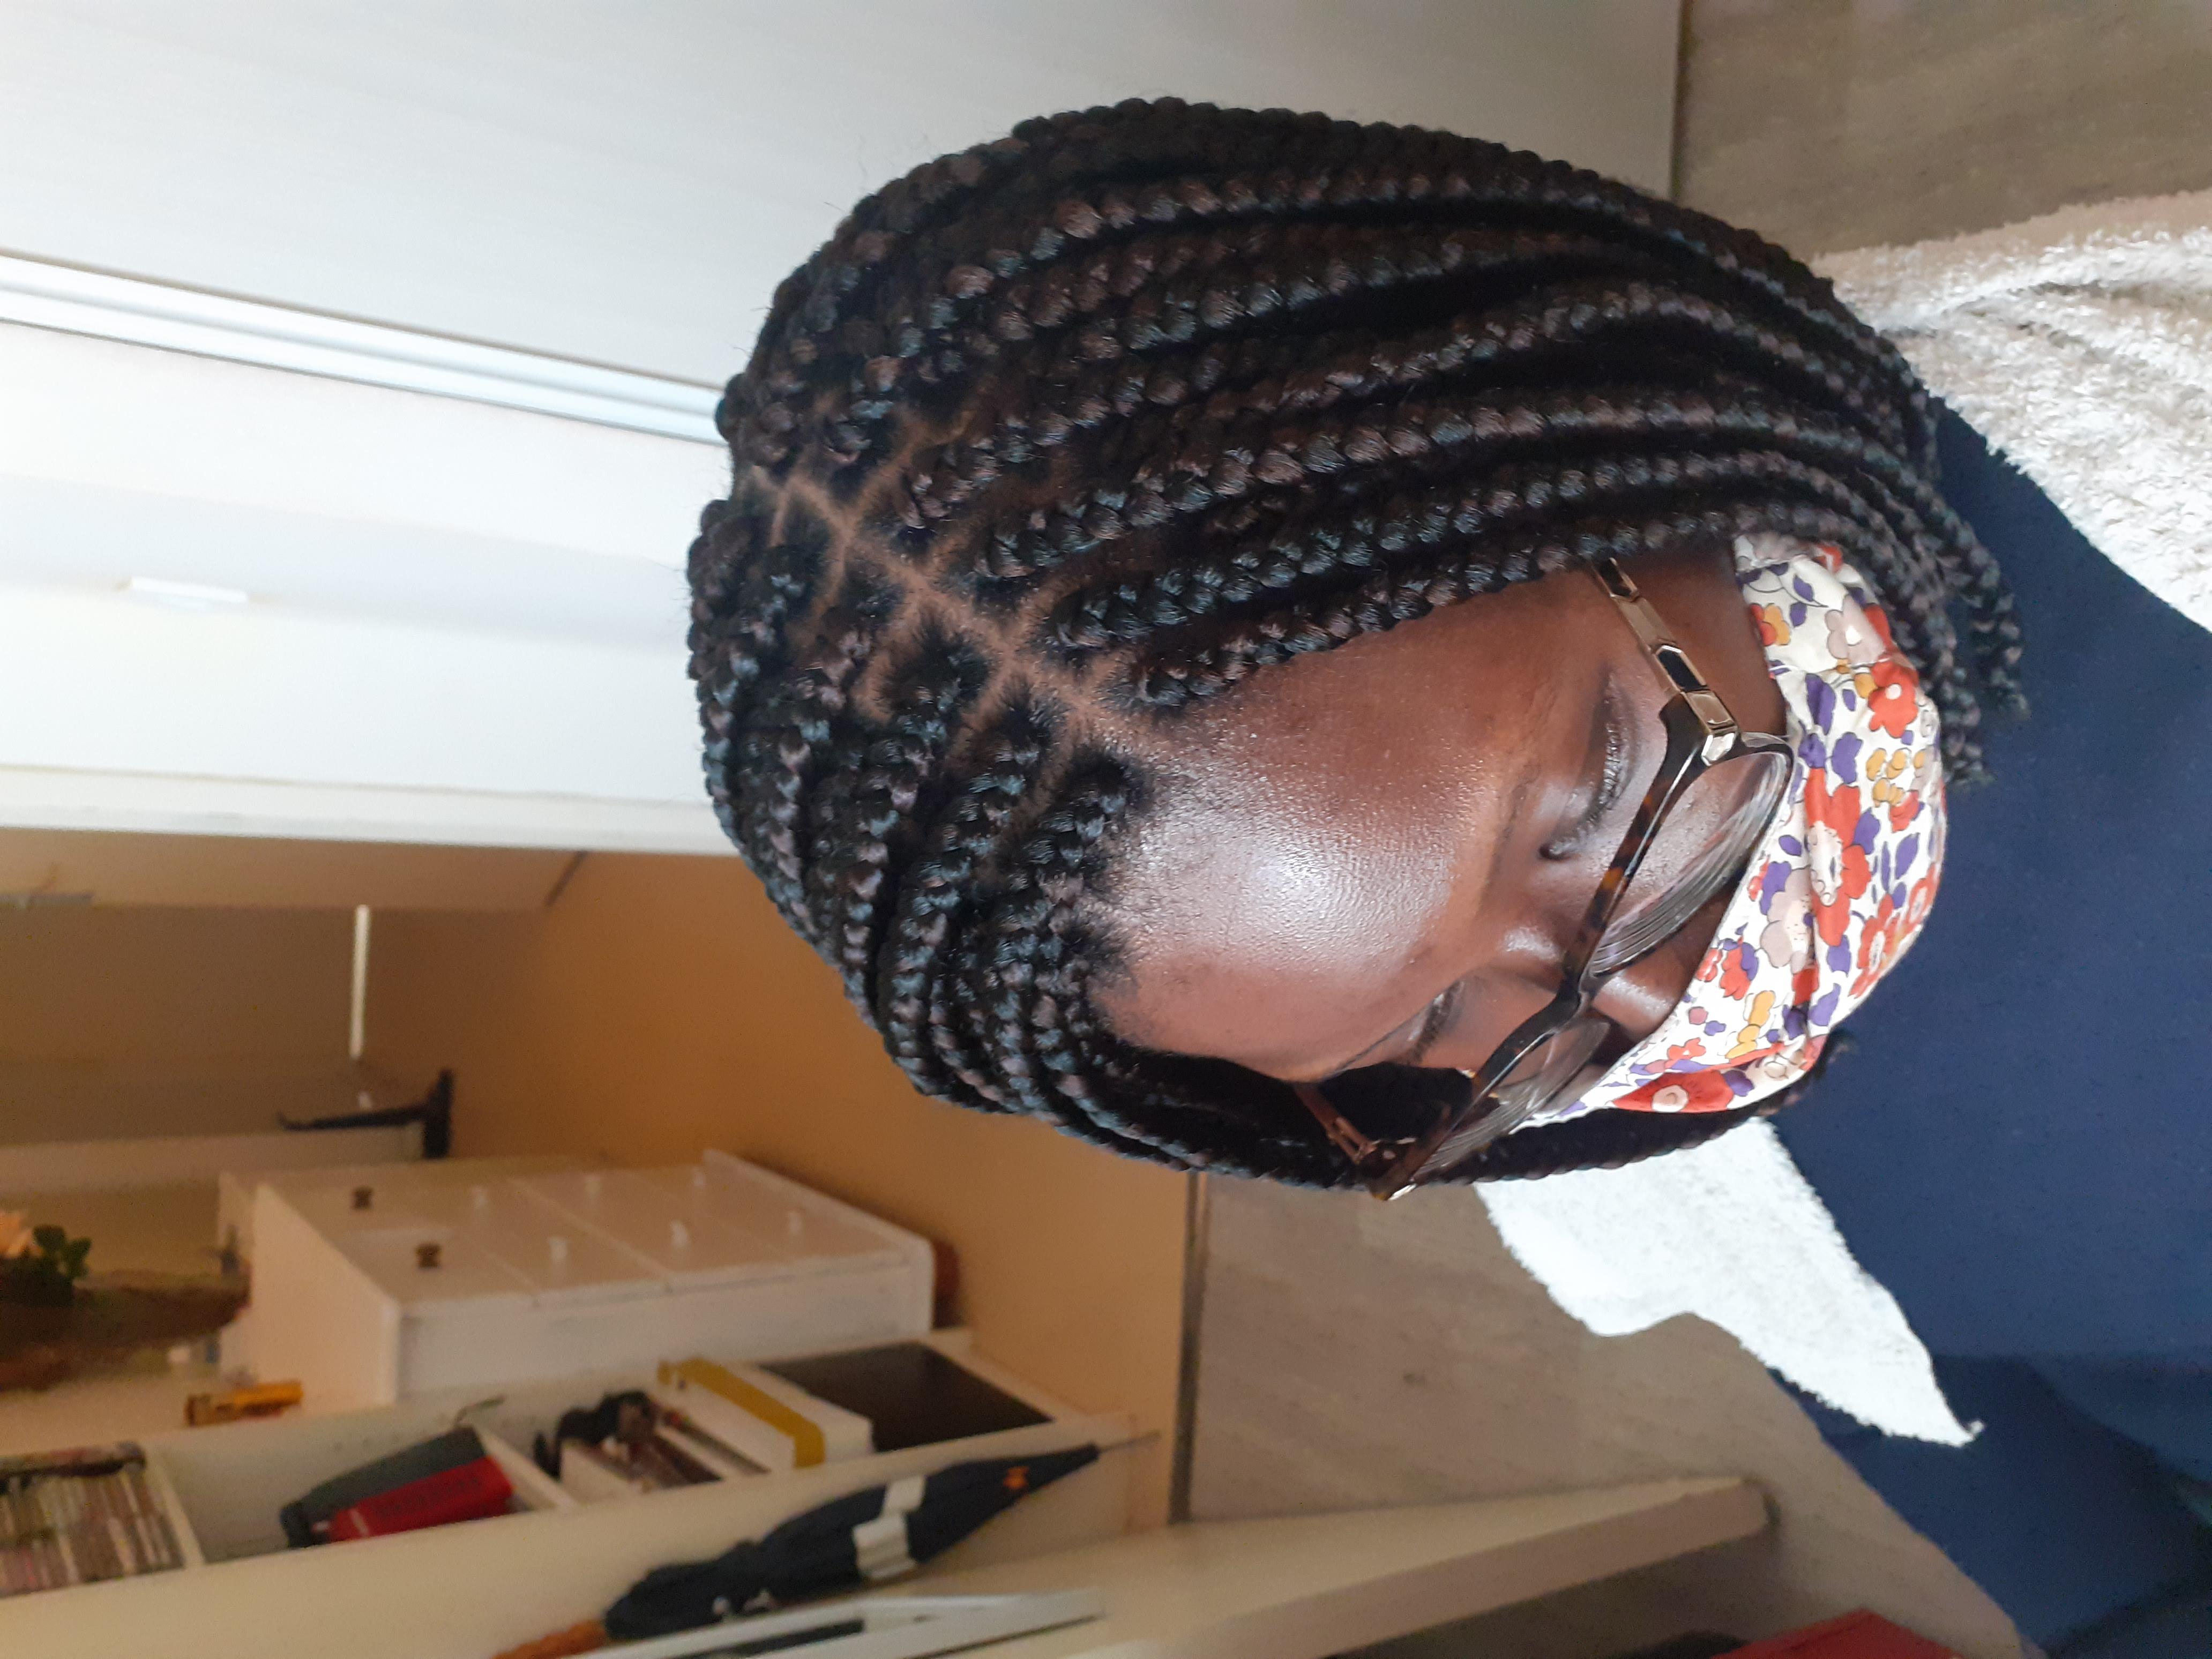 salon de coiffure afro tresse tresses box braids crochet braids vanilles tissages paris 75 77 78 91 92 93 94 95 WOFXJNPK